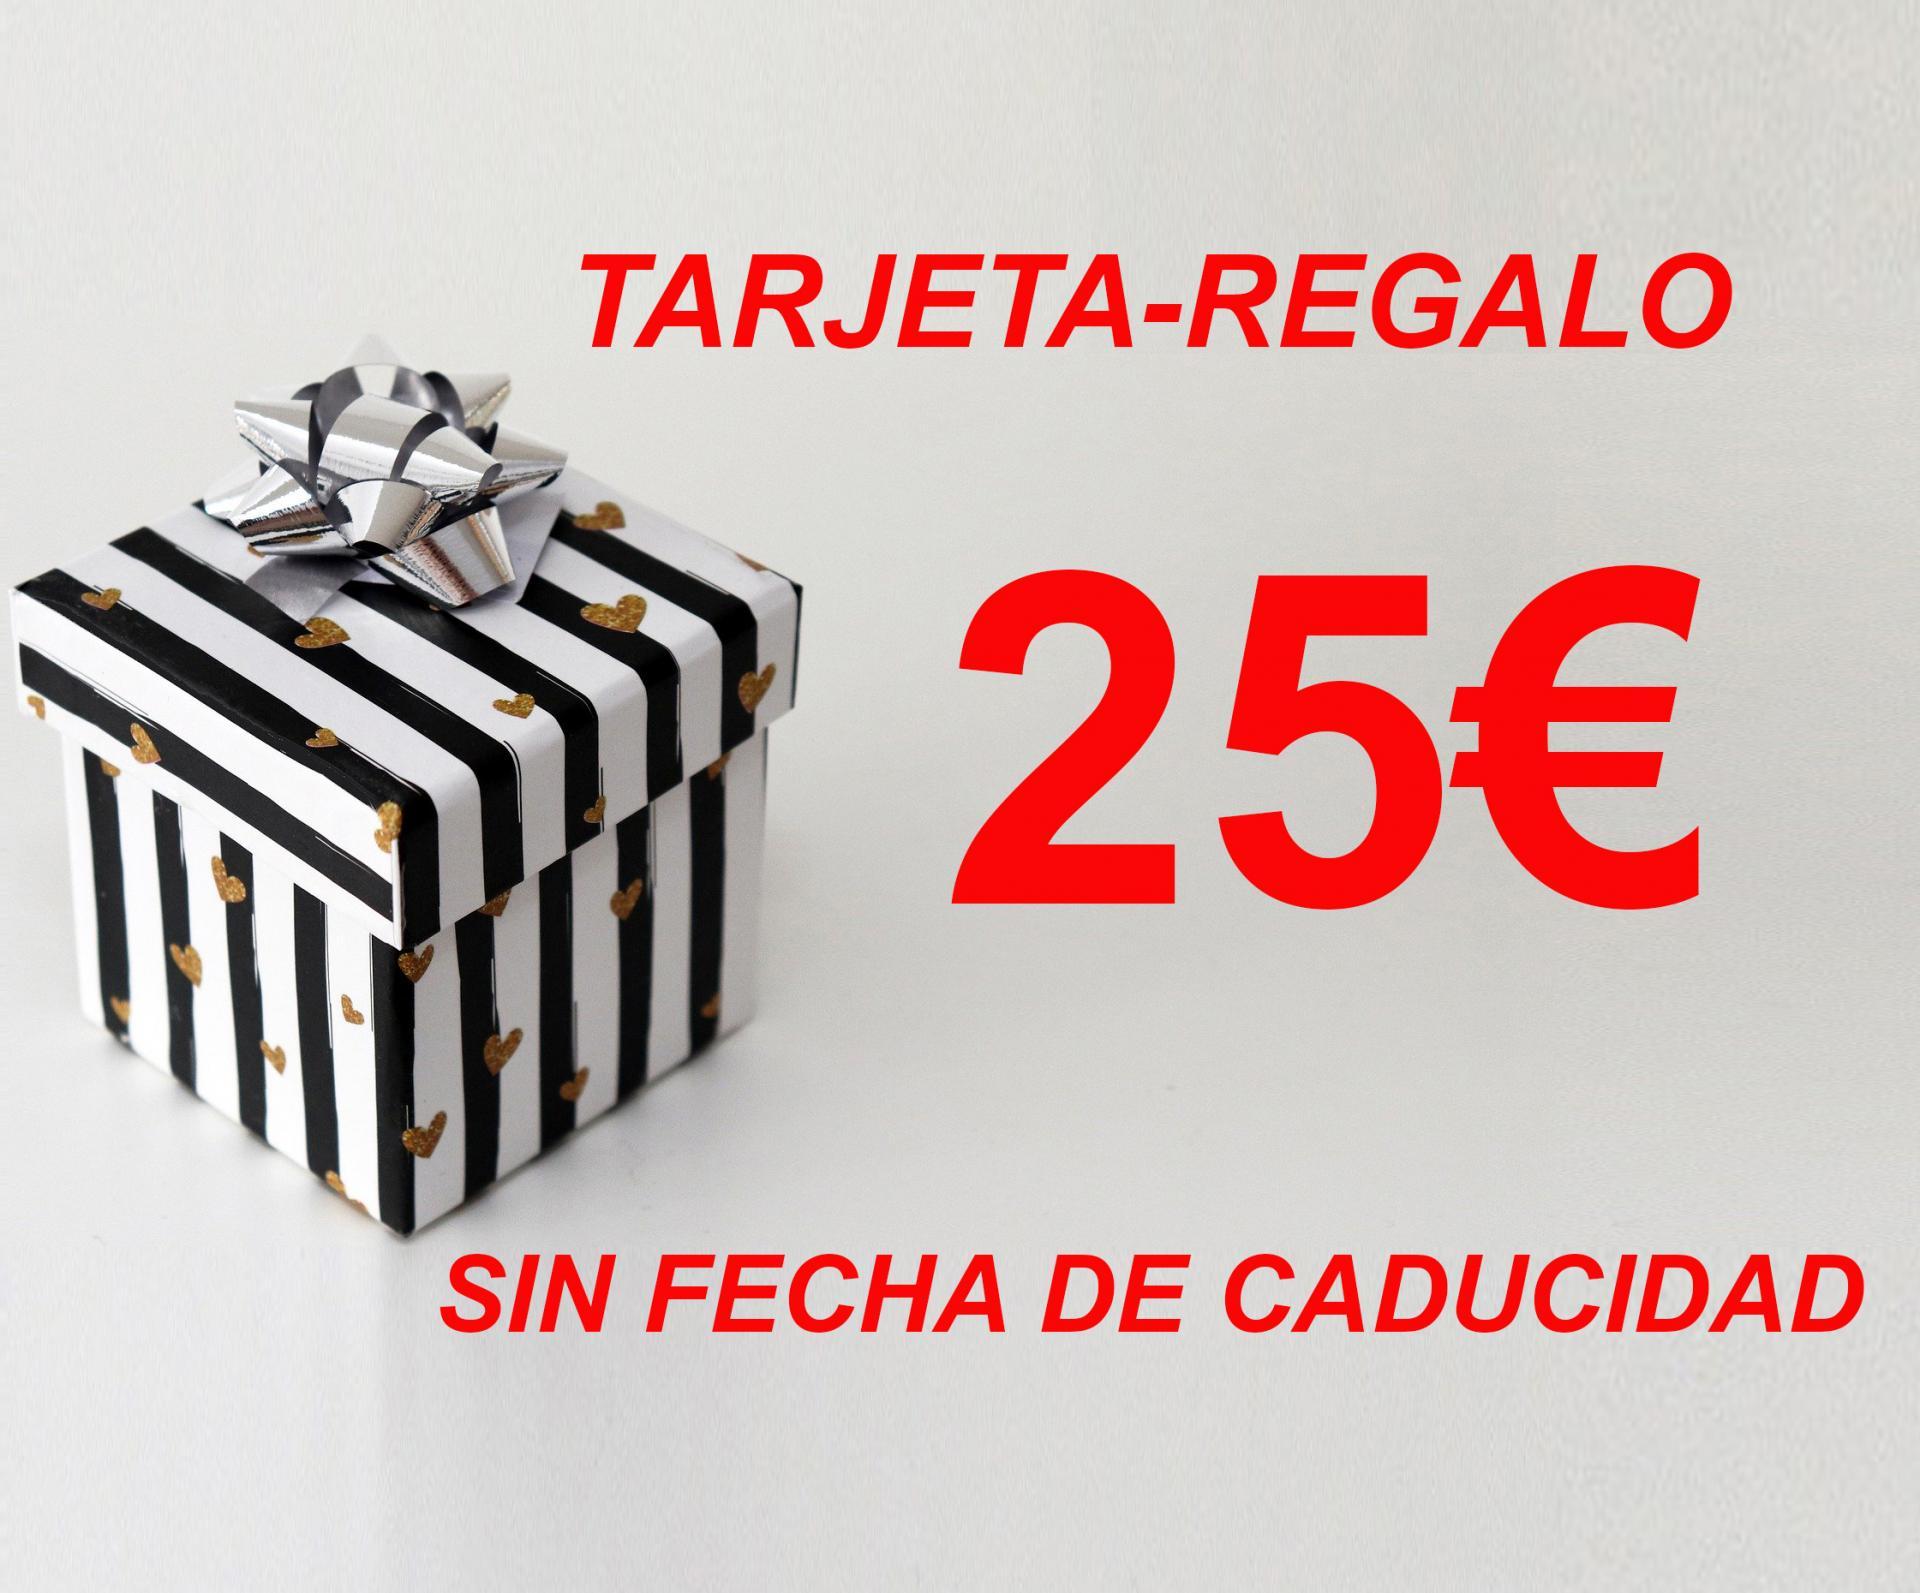 TARJETA-REGALO  25€